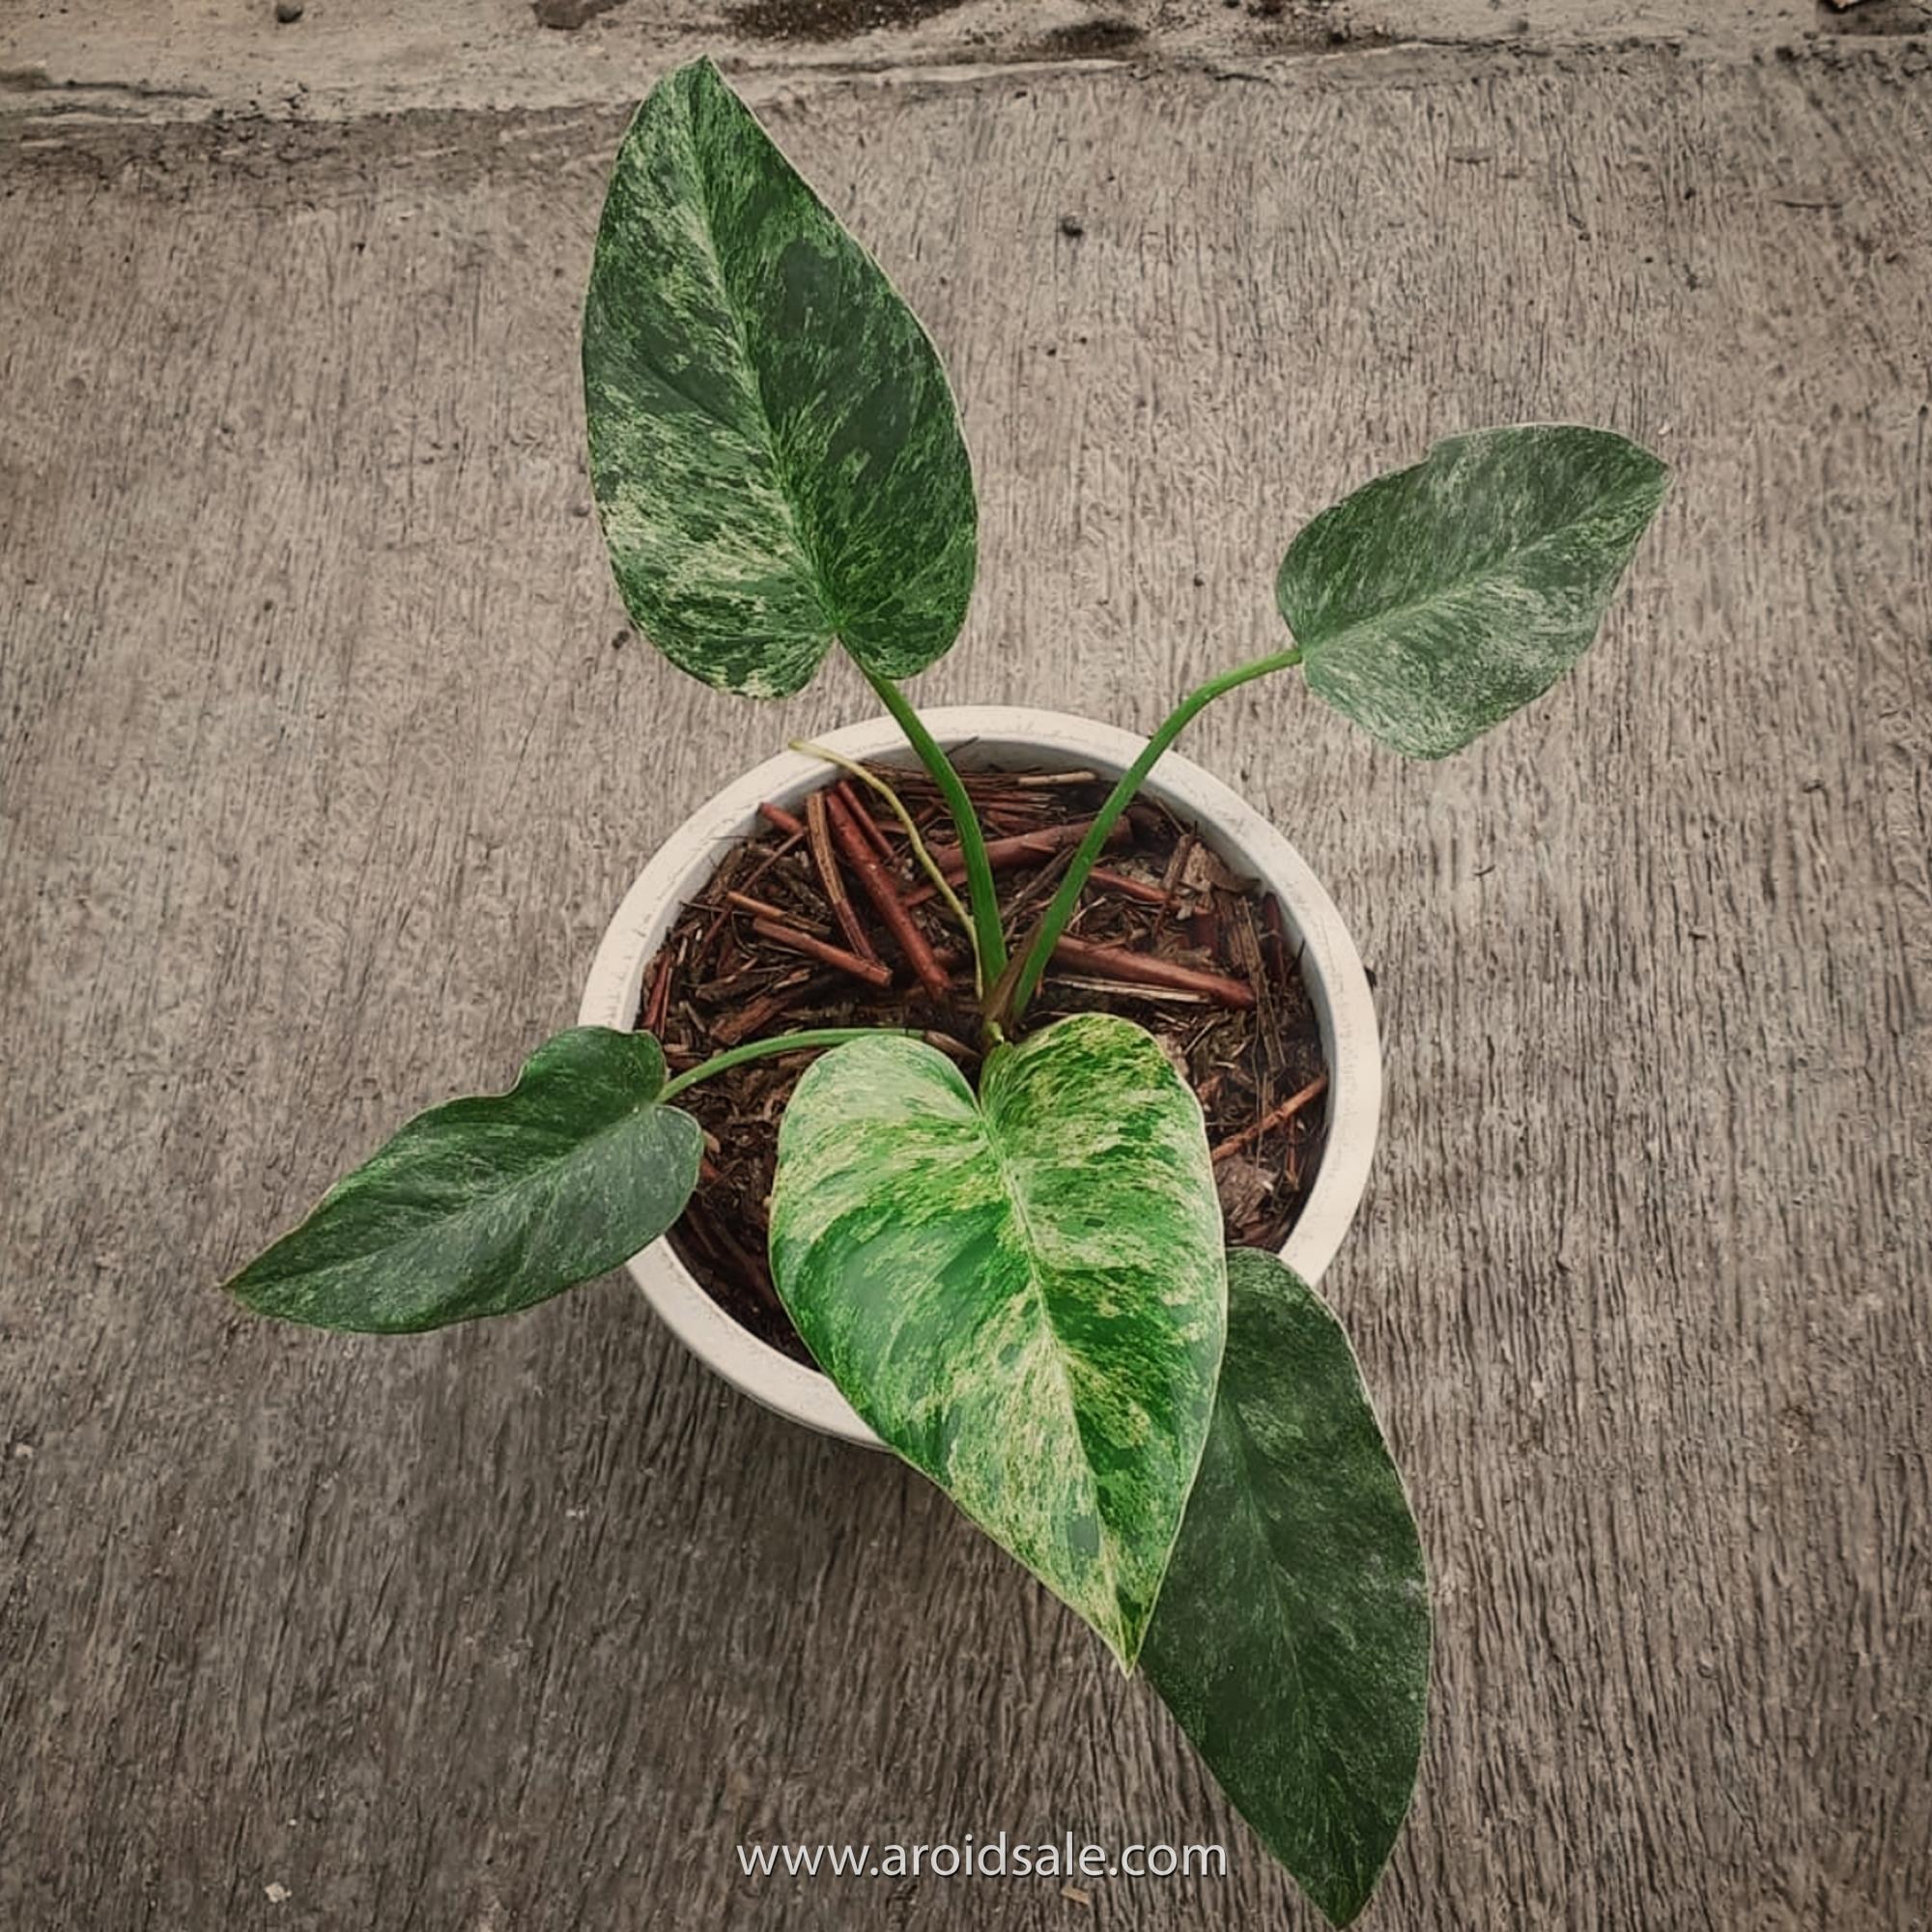 philodendron giganteum variegated, plants seller, plants shop, plants store, for sale, wholesale, plants supplier